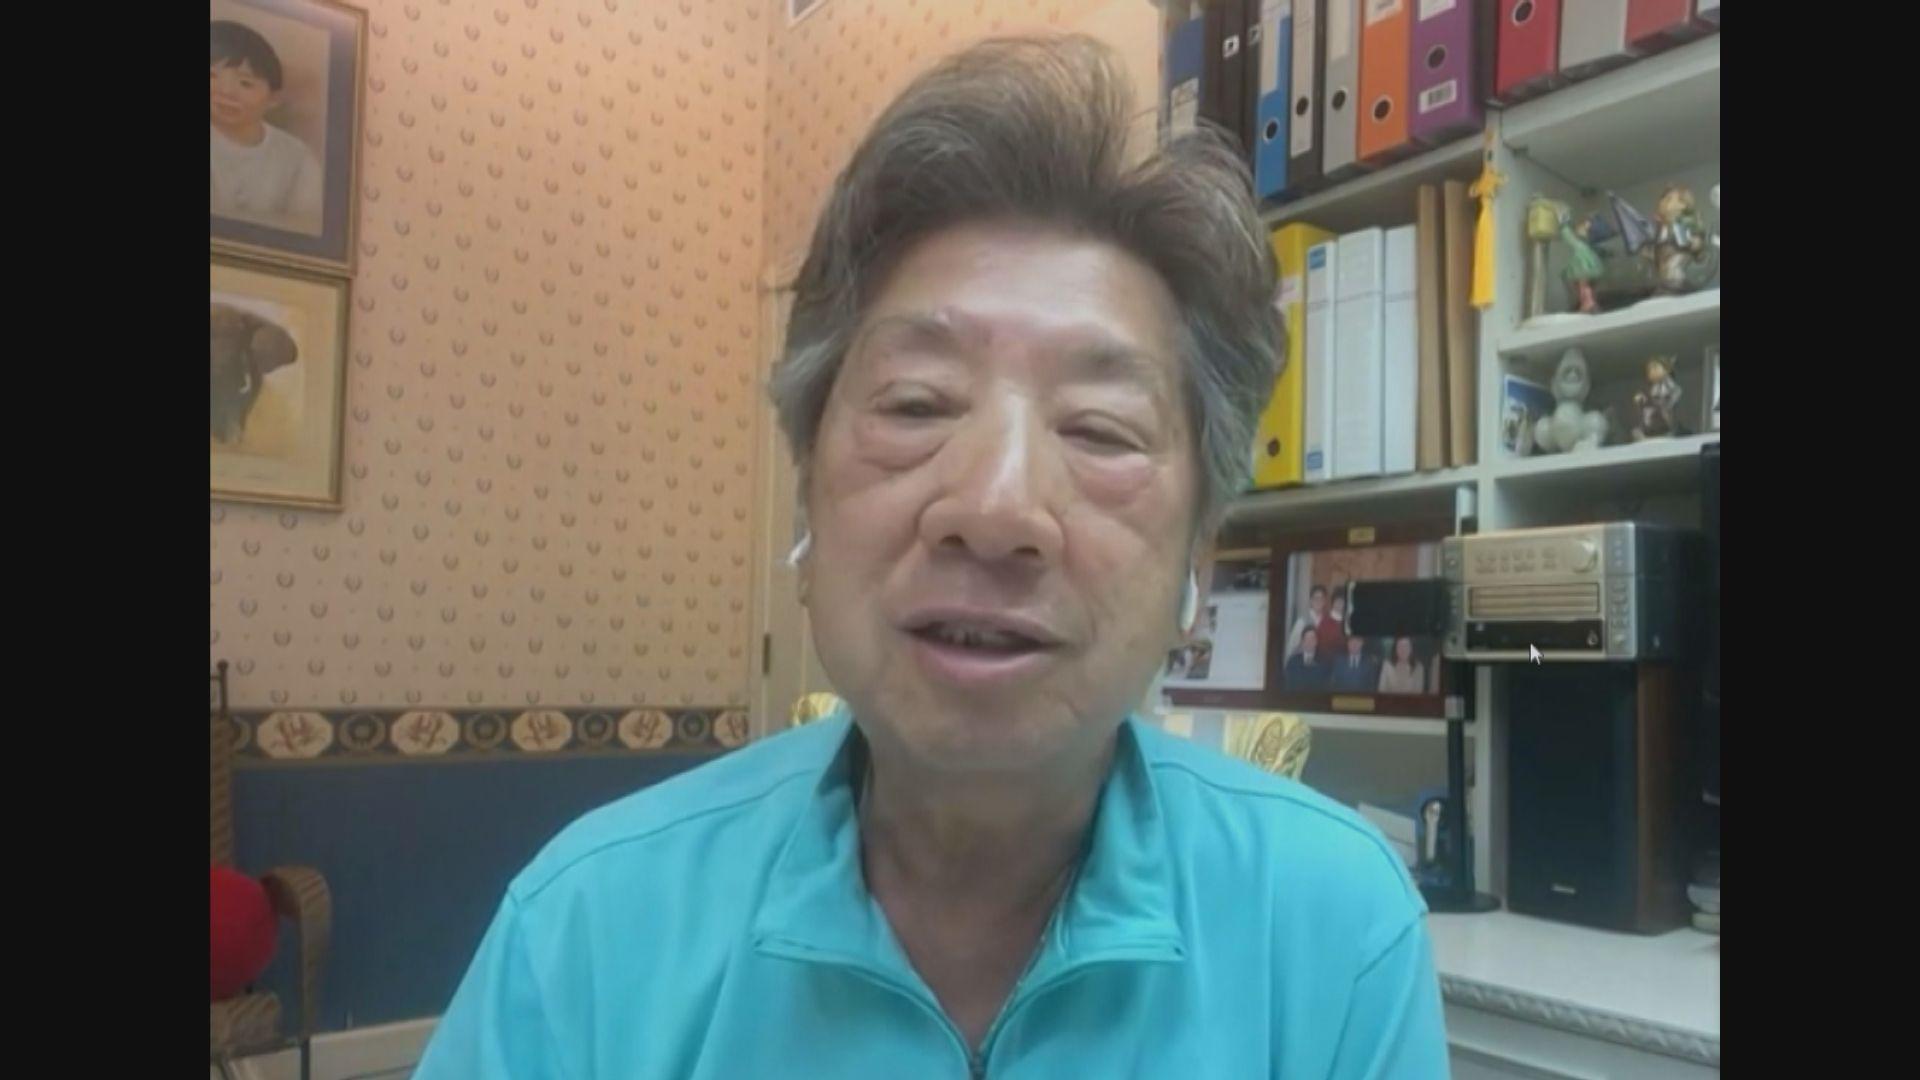 湯家驊:壹傳媒或因政治理由而停運 政府有需要介入